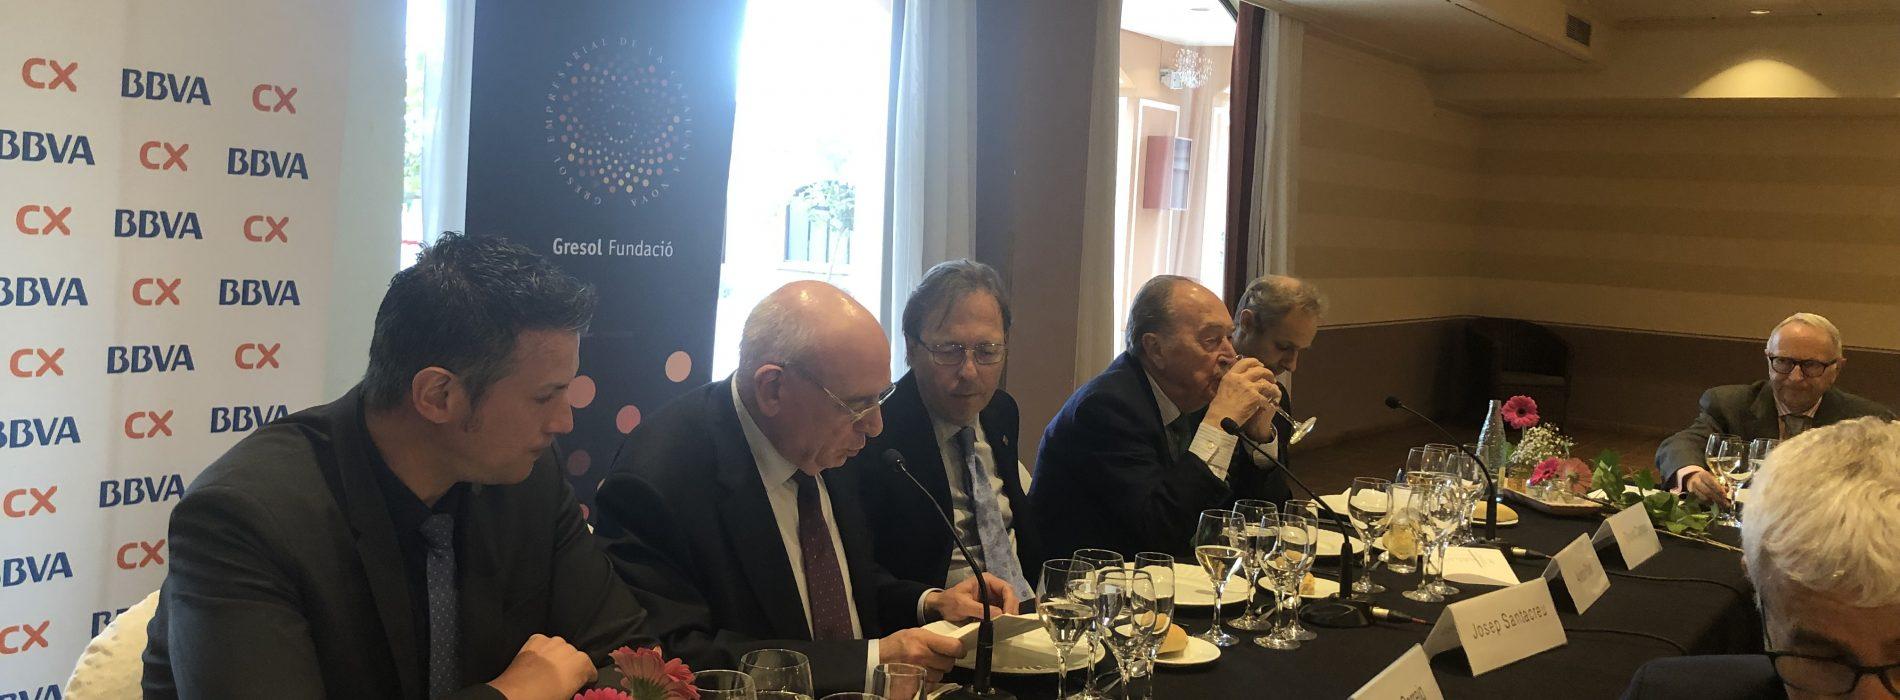 """""""Hem de tenir un compromís amb el desenvolupament harmònic del nostre entorn"""", segons Santacreu, convidat de la Fundació Gresol"""